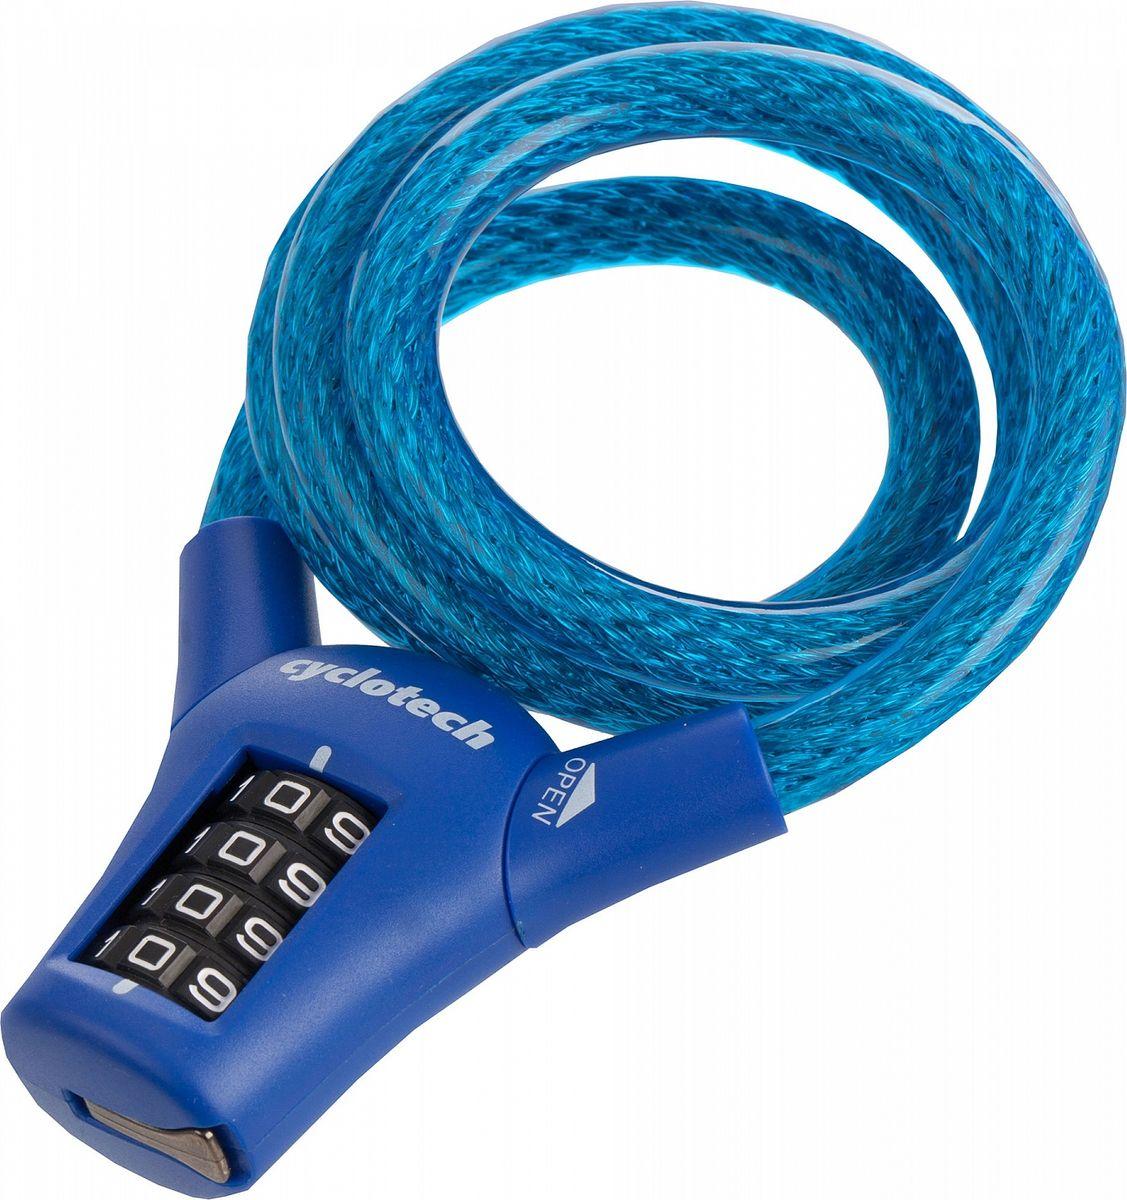 Велозамок кодовый Cyclotech, цвет: синий, диаметр 10 мм, длина 90 см велозамок